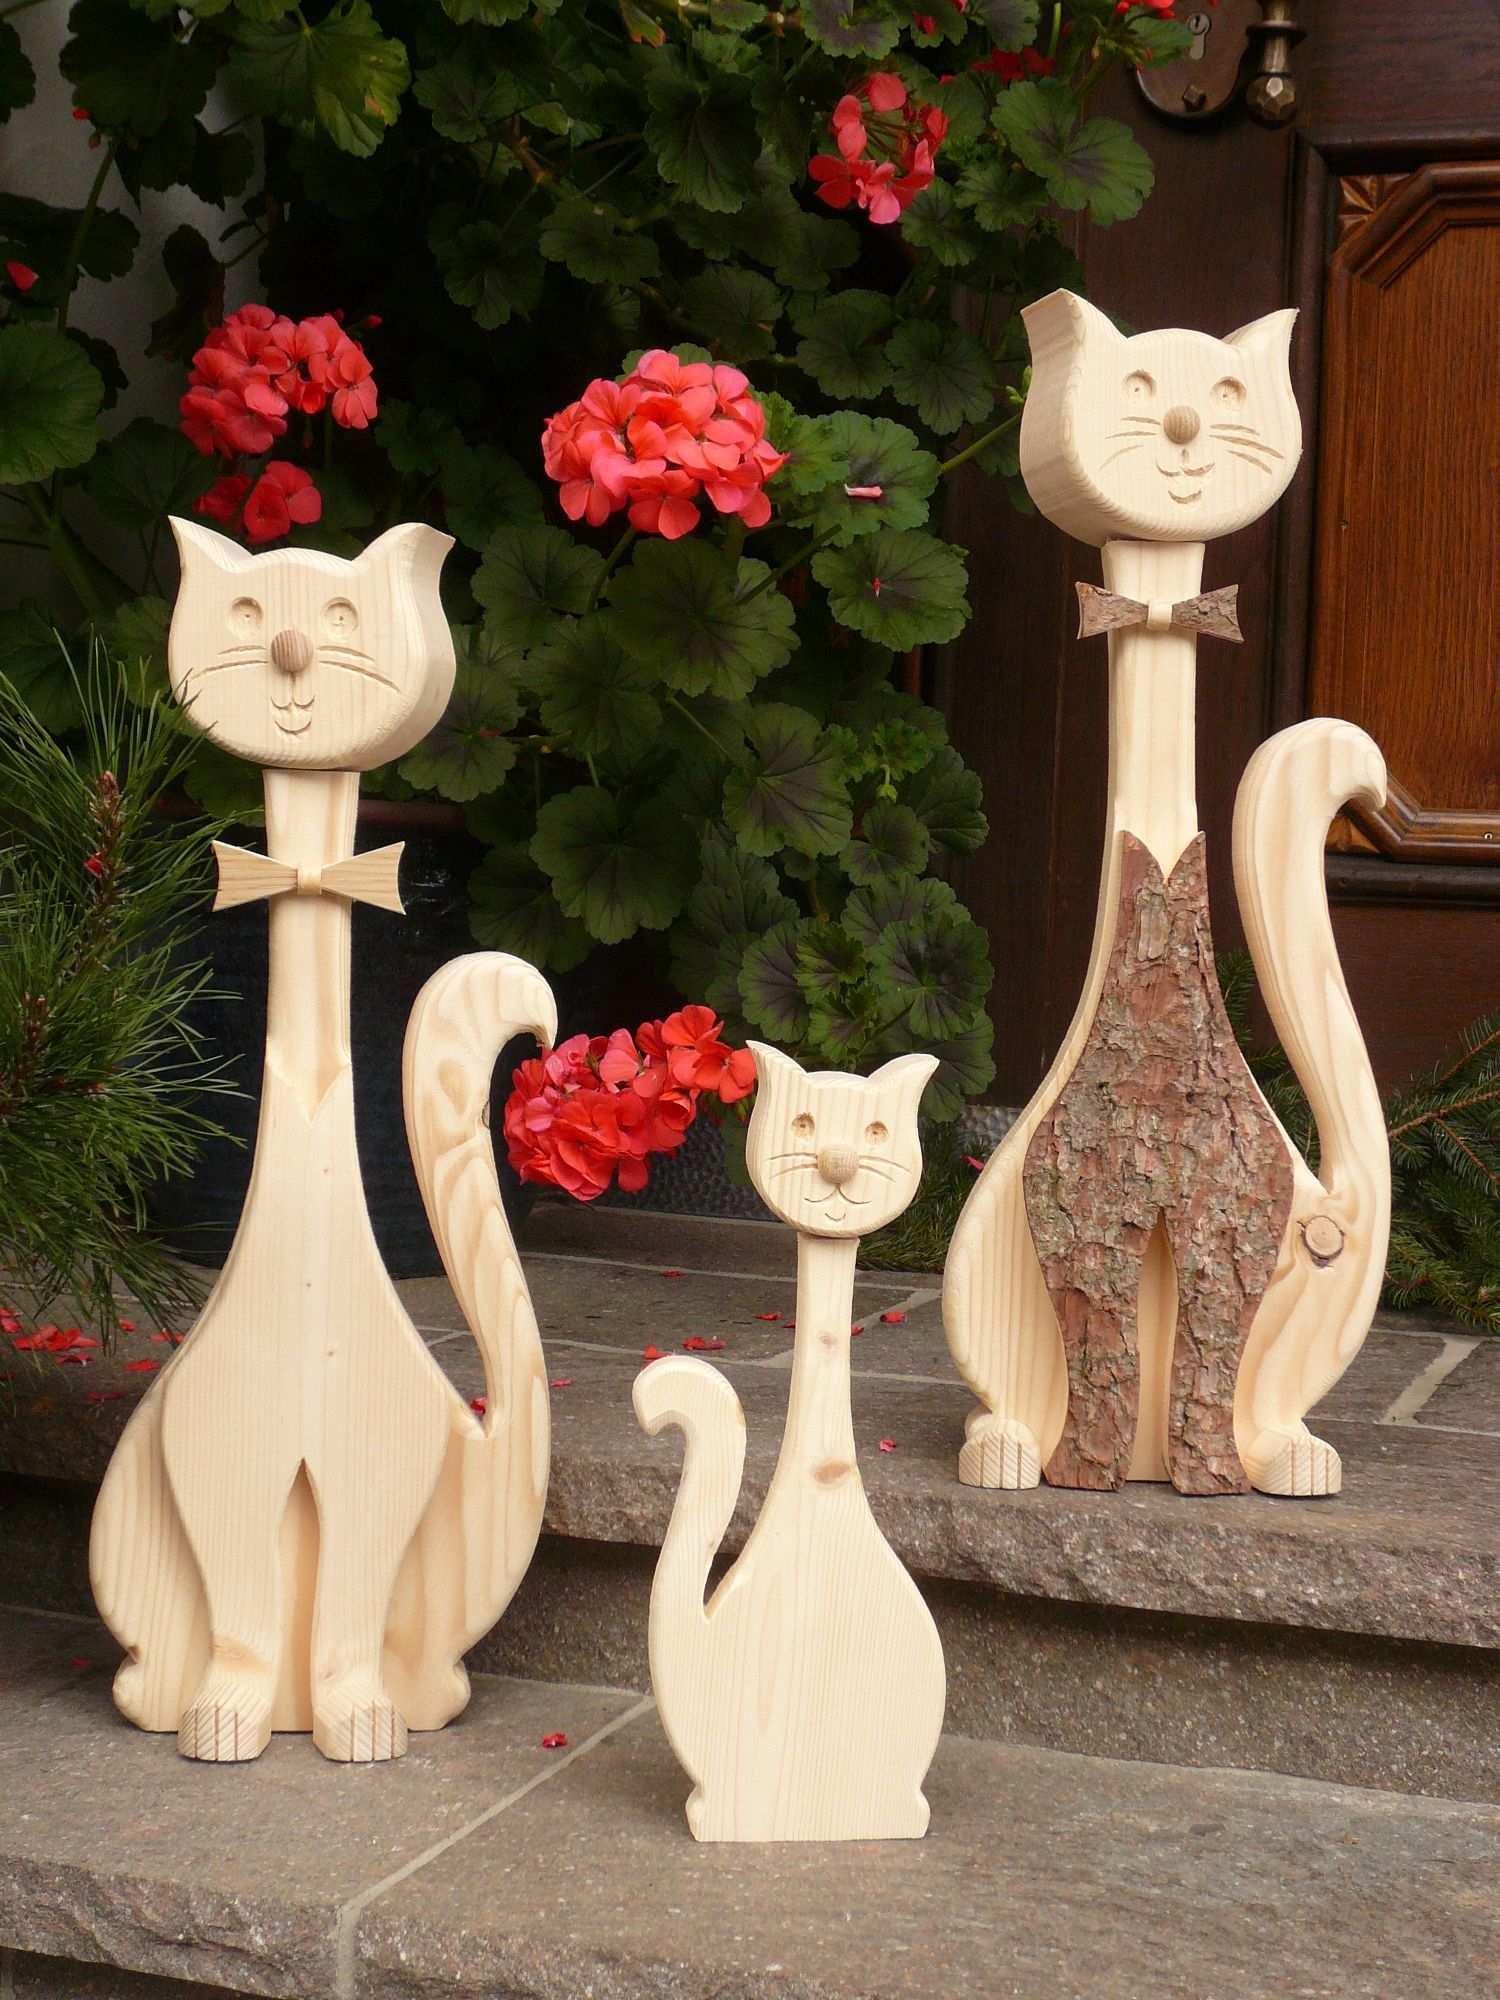 Deko Katzen Holz Katzen Schreinerei Vogler Bastelarbeiten Deko Katze Holz Kreationen